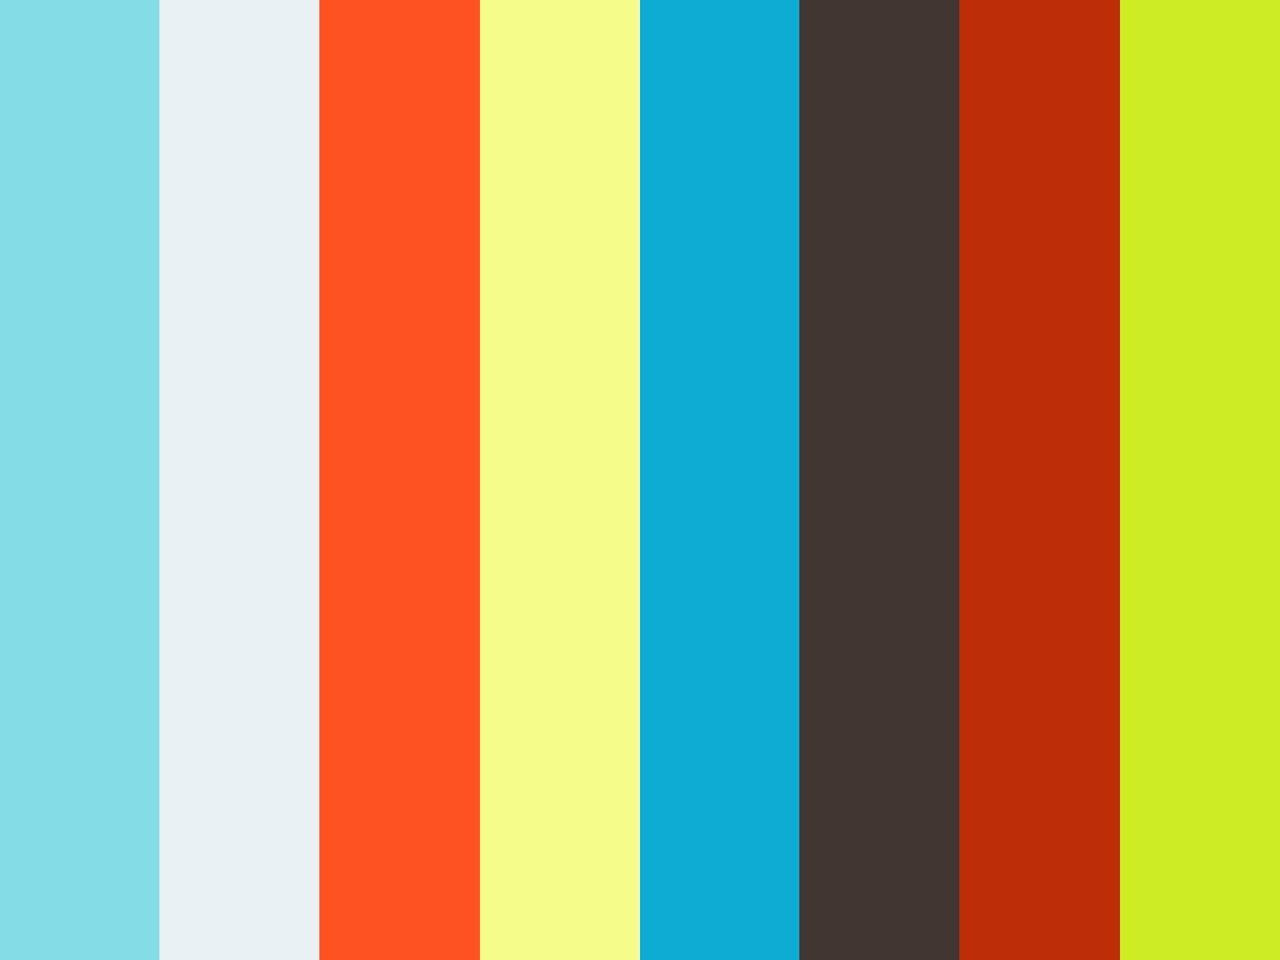 Converse Colors | Chucks